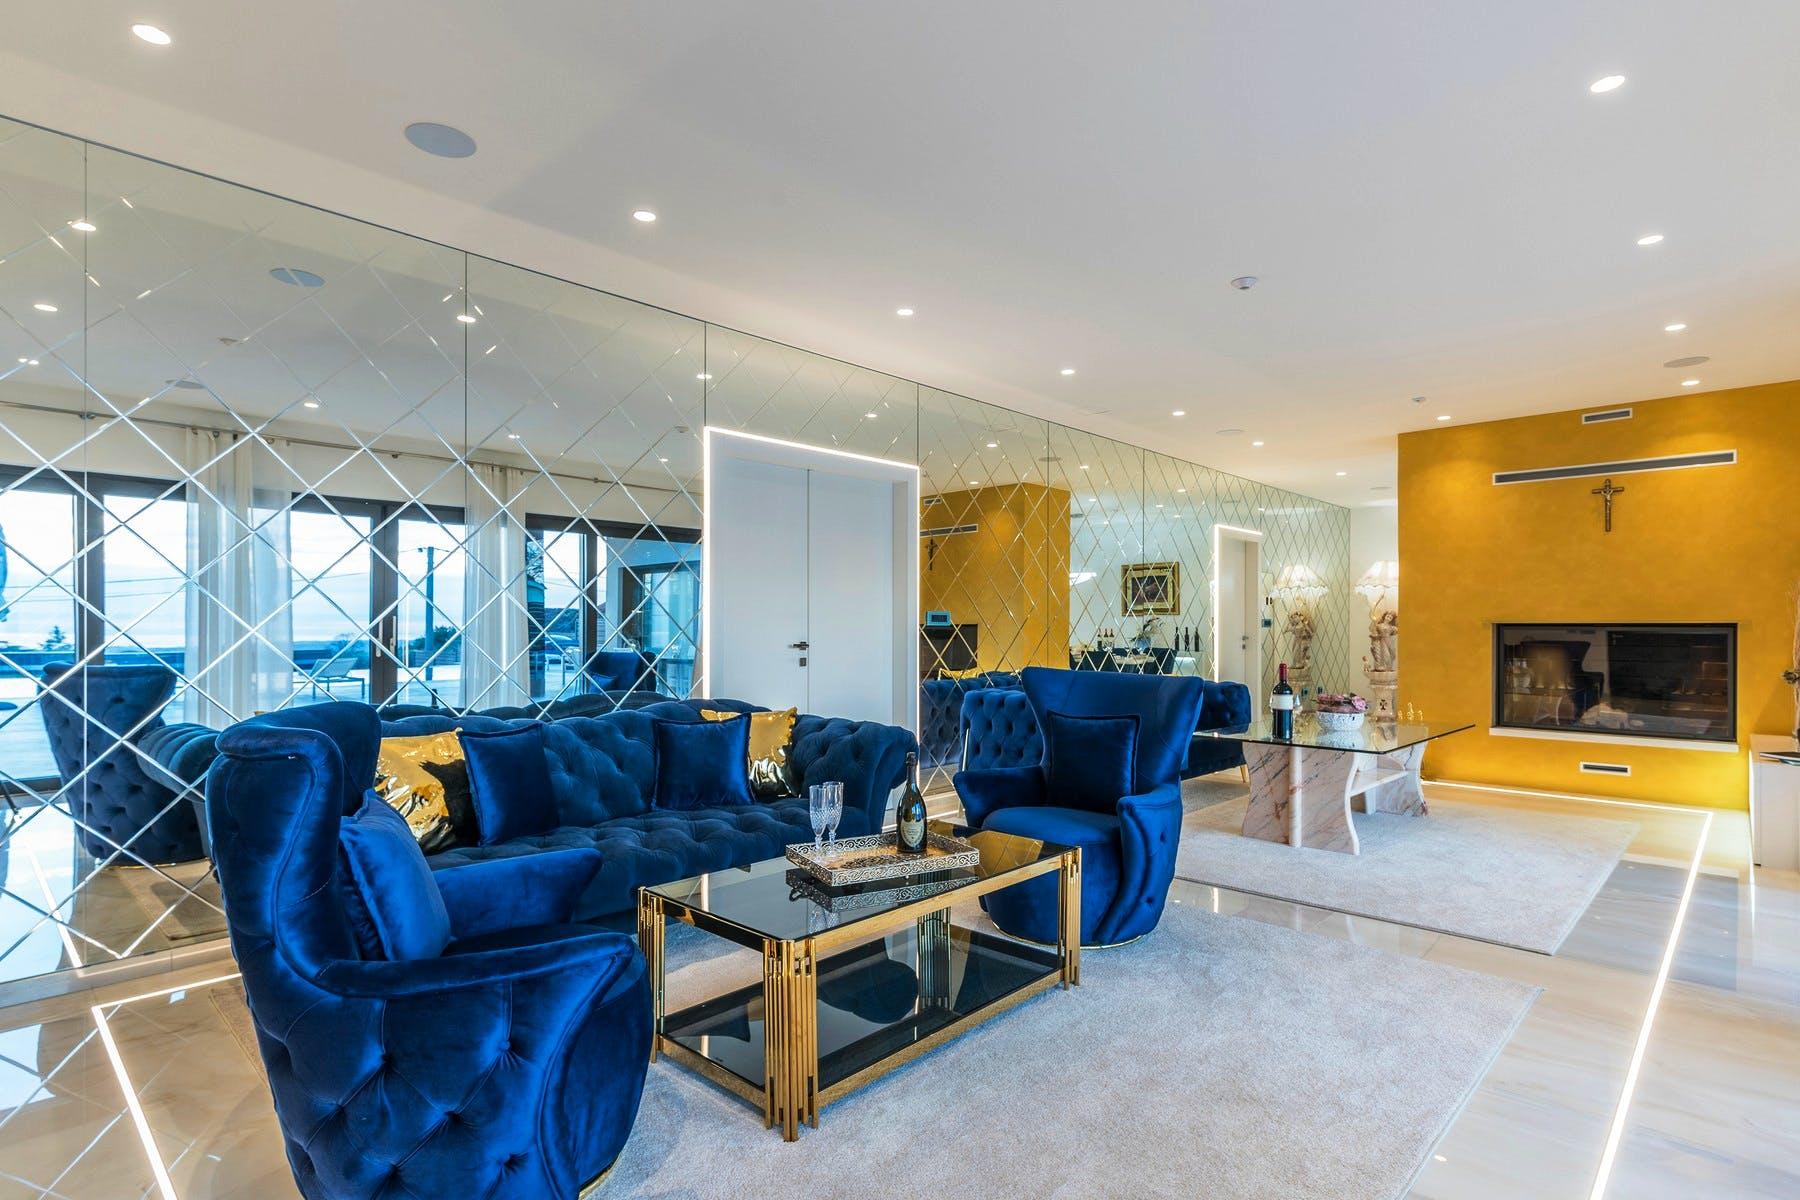 Inviting and elegant interior design